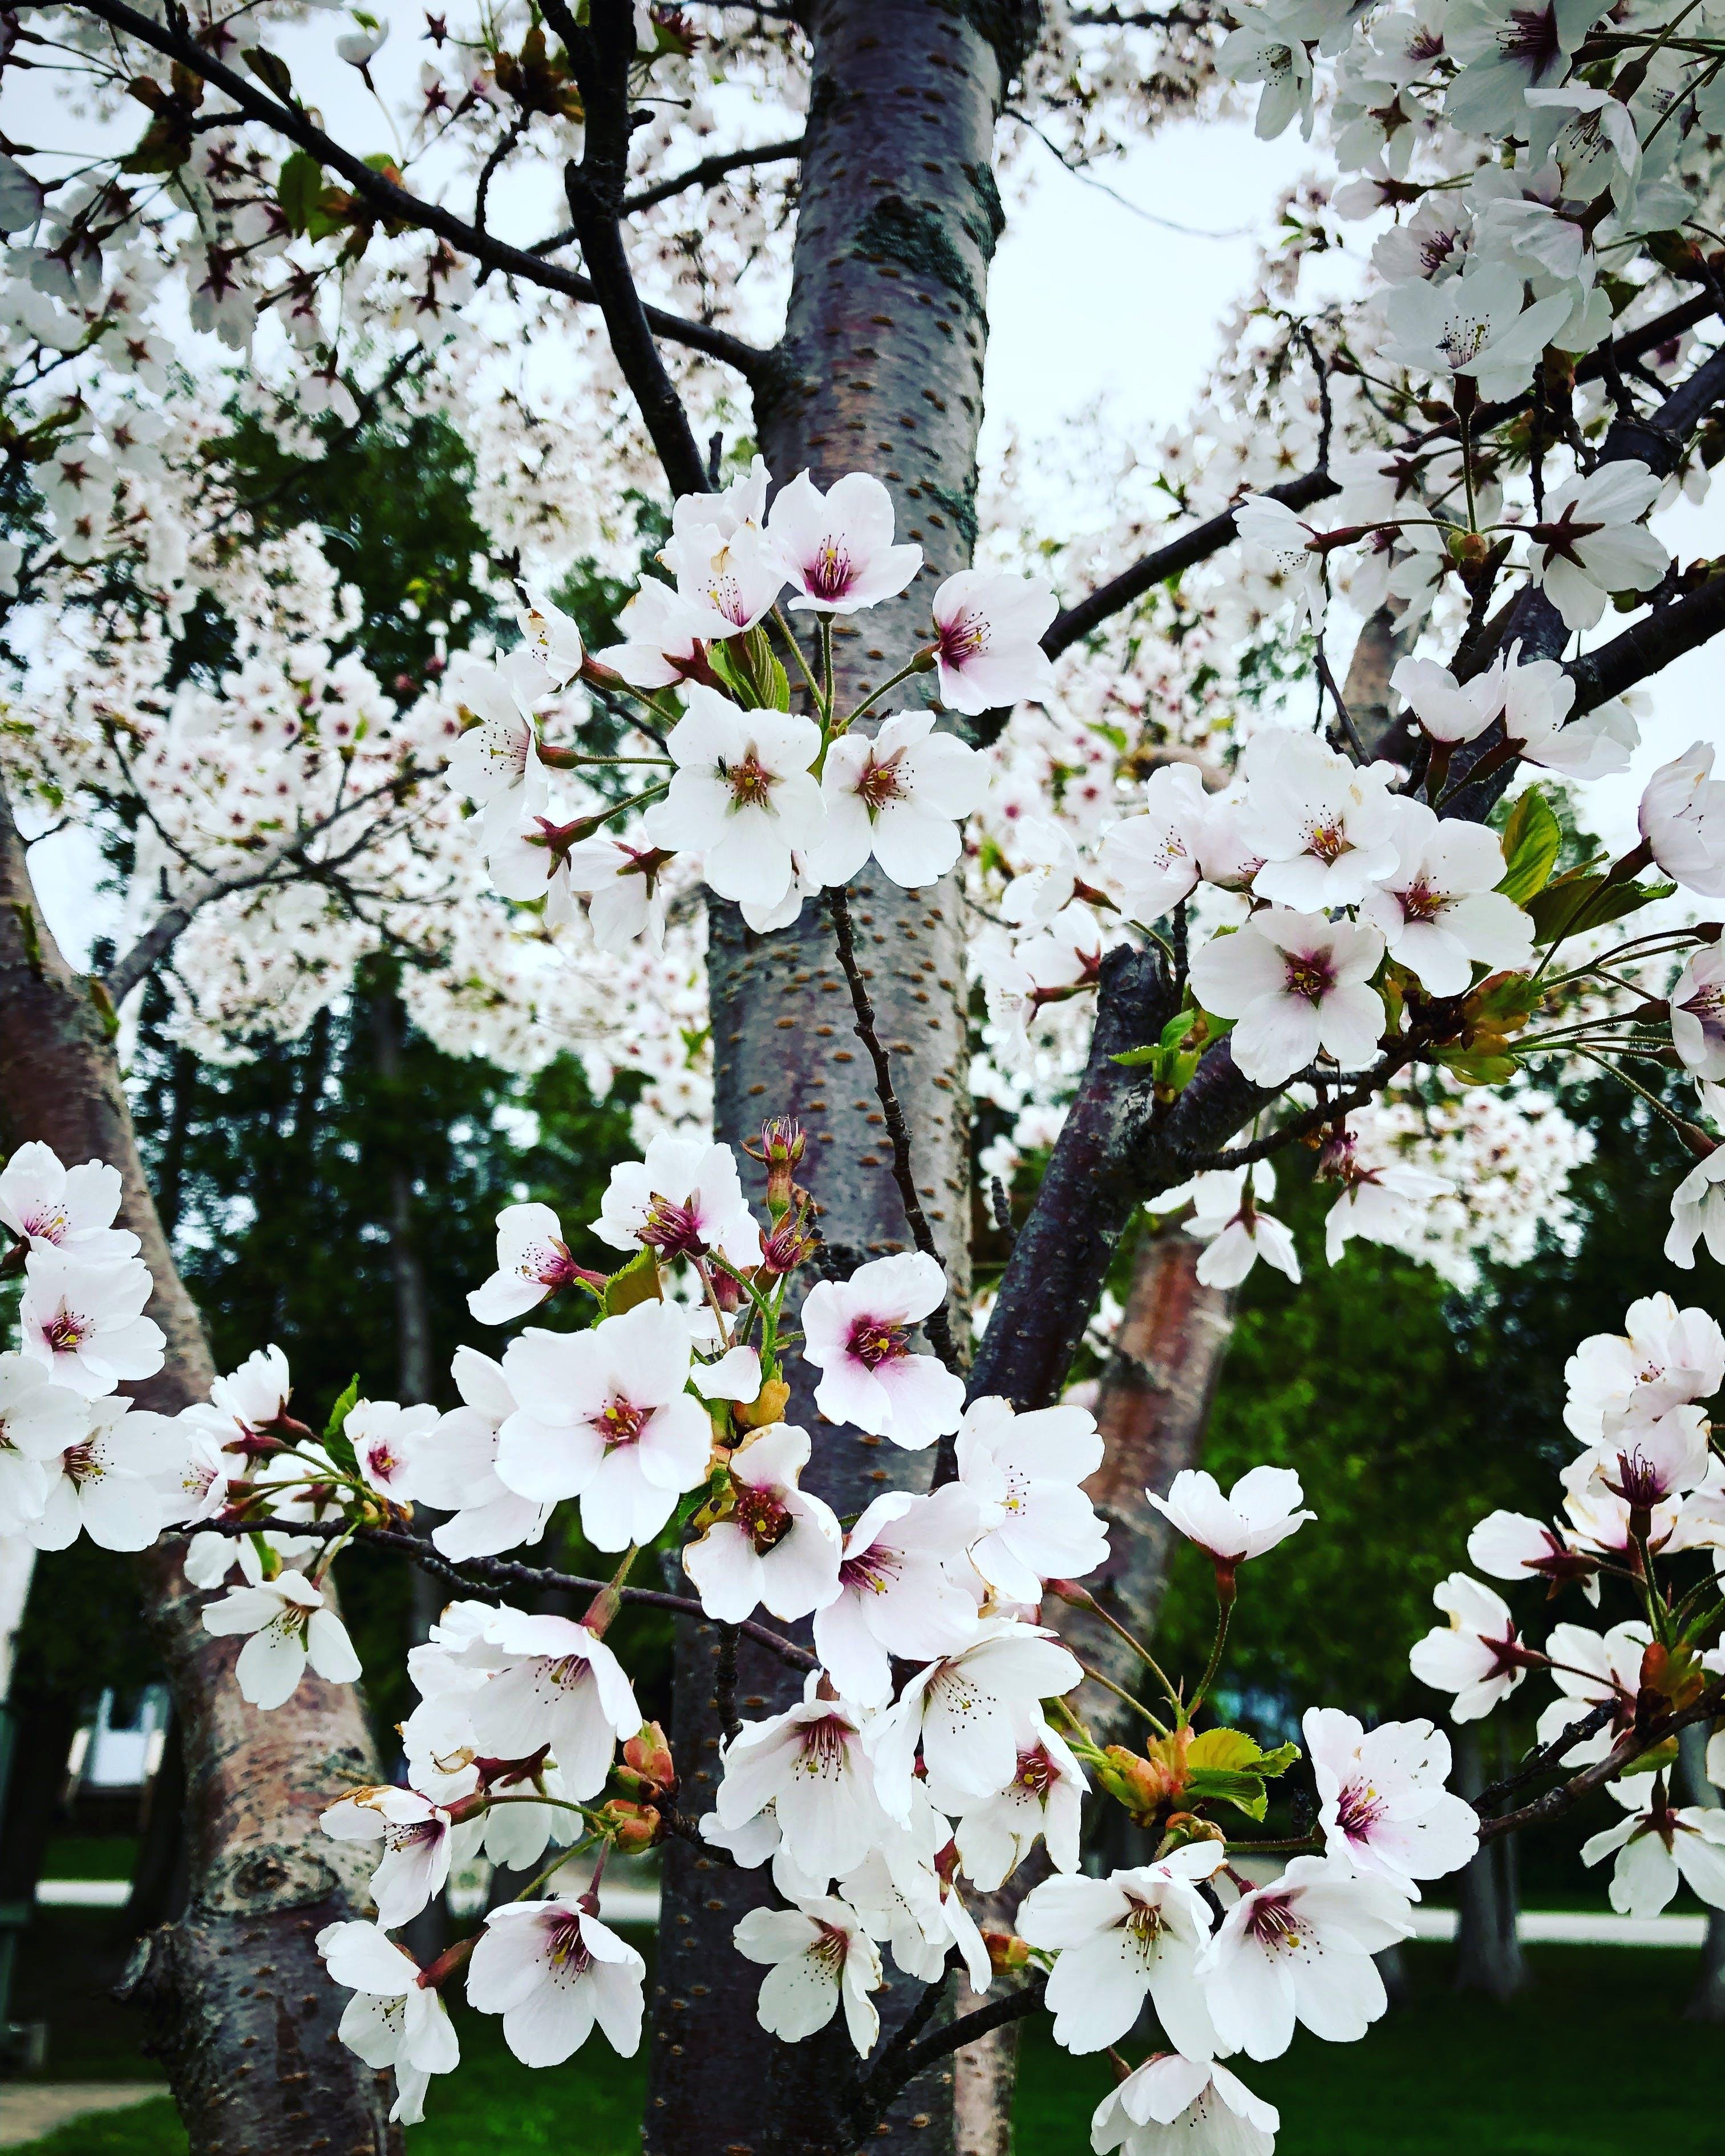 White Petaled Flowering Tree